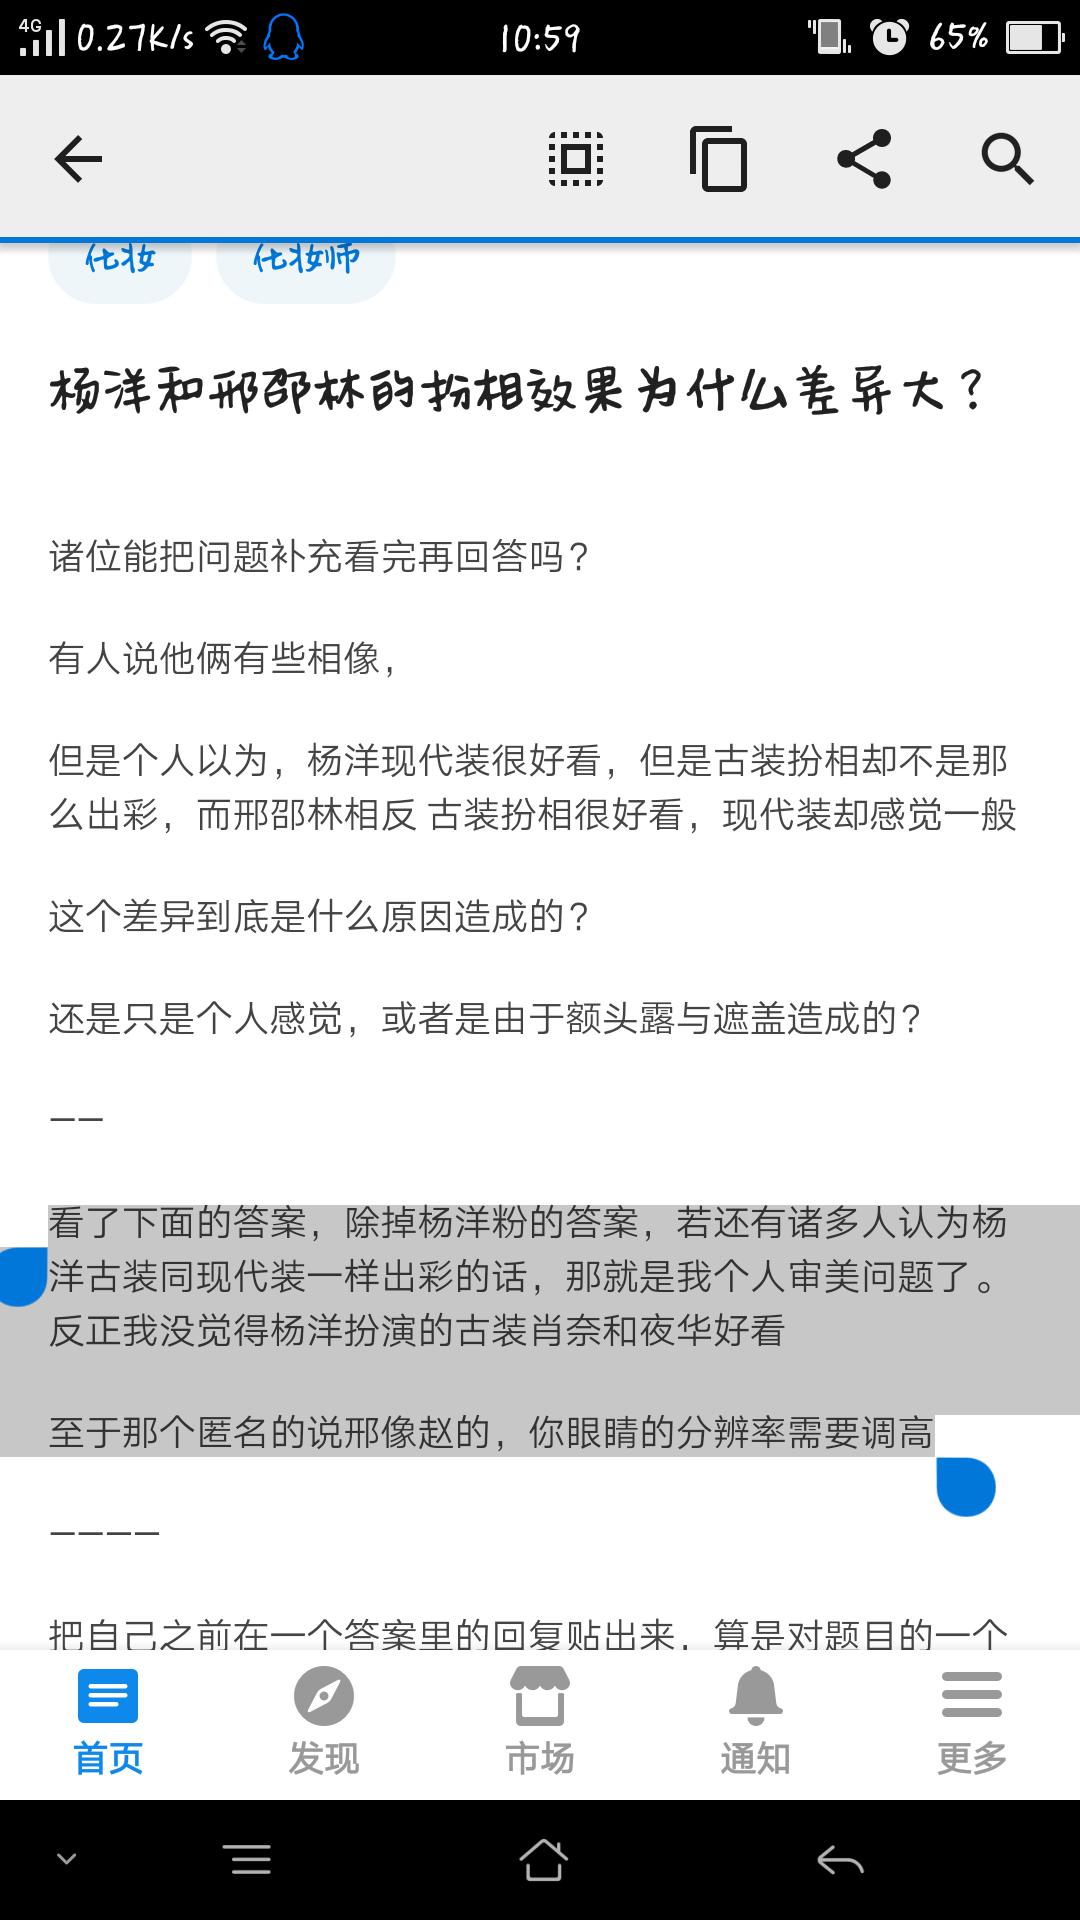 杨洋和邢邵林的扮相效果为什么差异大